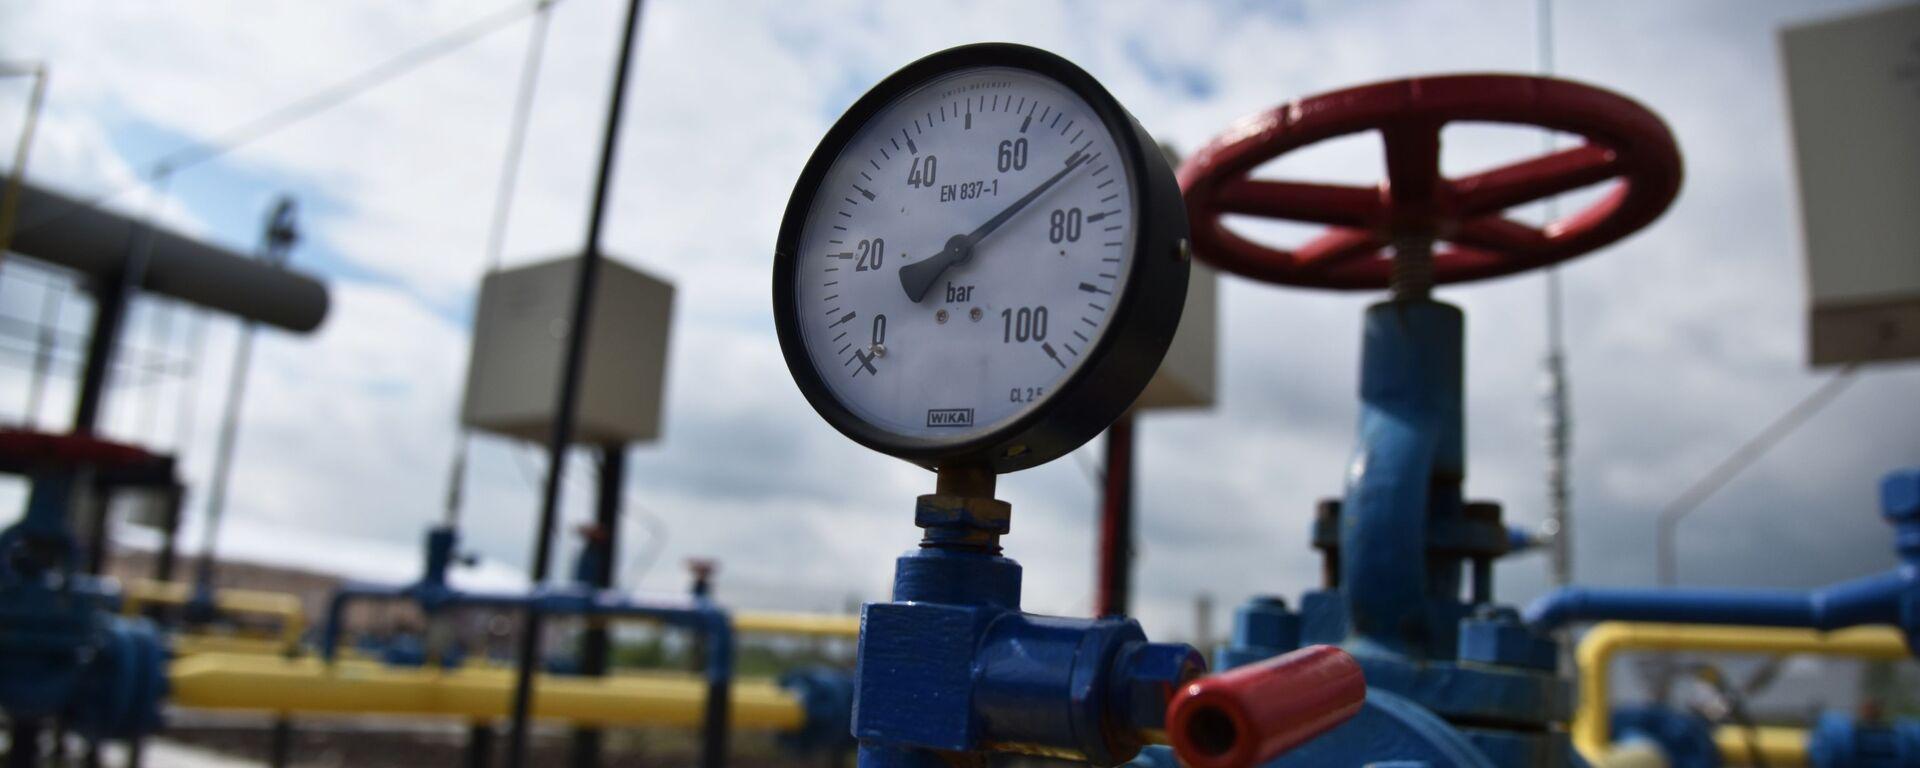 Ukraina obawia się wzrostu cen gazu po oddaniu do eksploatacji gazociągu Nord Stream 2. - Sputnik Polska, 1920, 08.07.2021